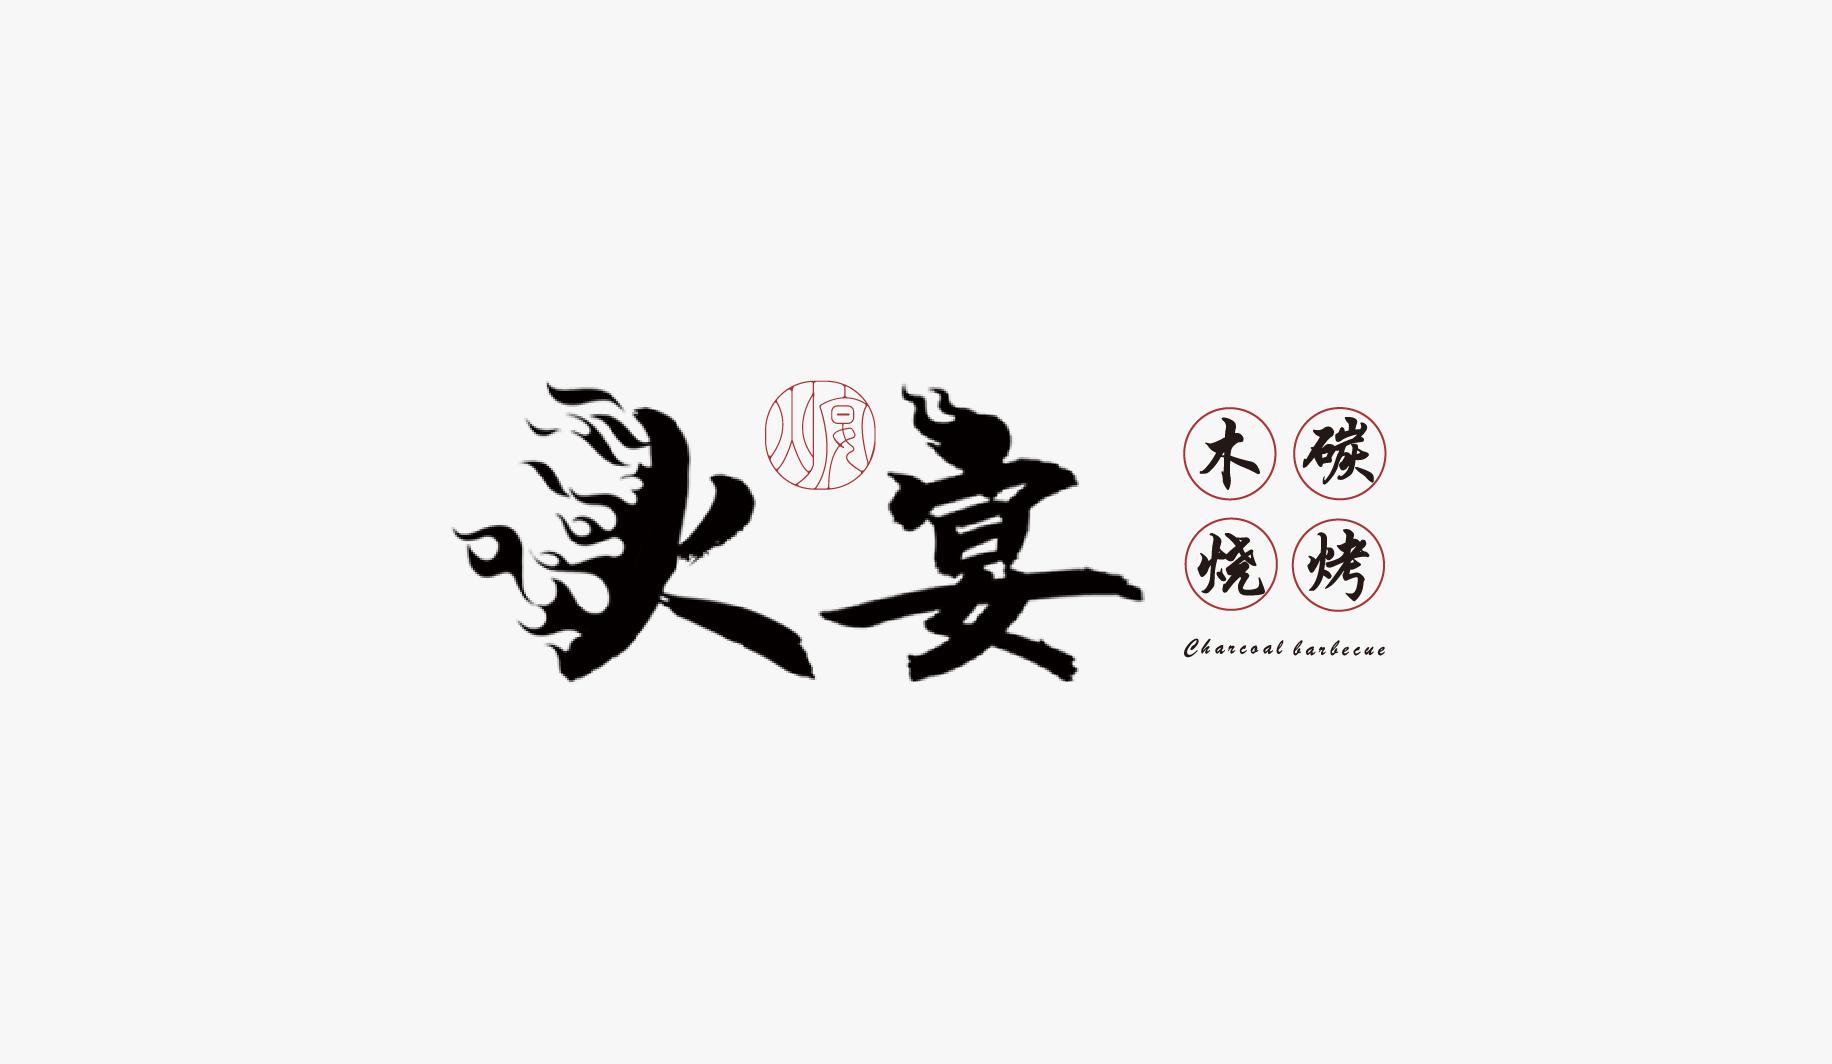 【销量前列】logo设计原创公司标志卡通插画平面企业品牌商标